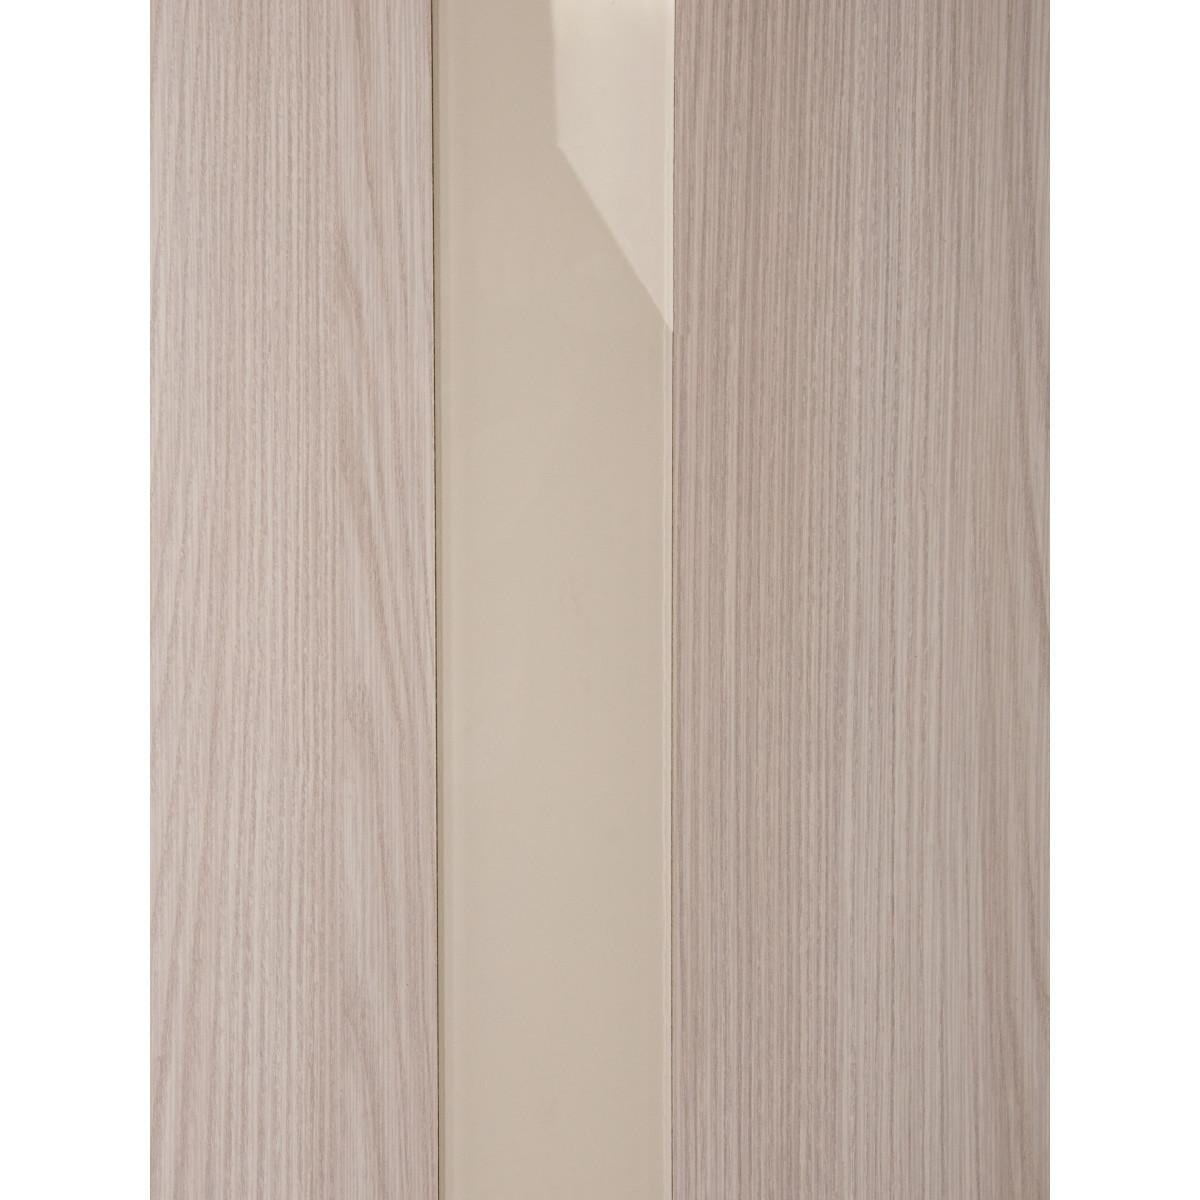 Дверь Межкомнатная Глухая С Замком И Петлями В Комплекте Мирра 70x200 Hardflex Цвет Ясень Бора